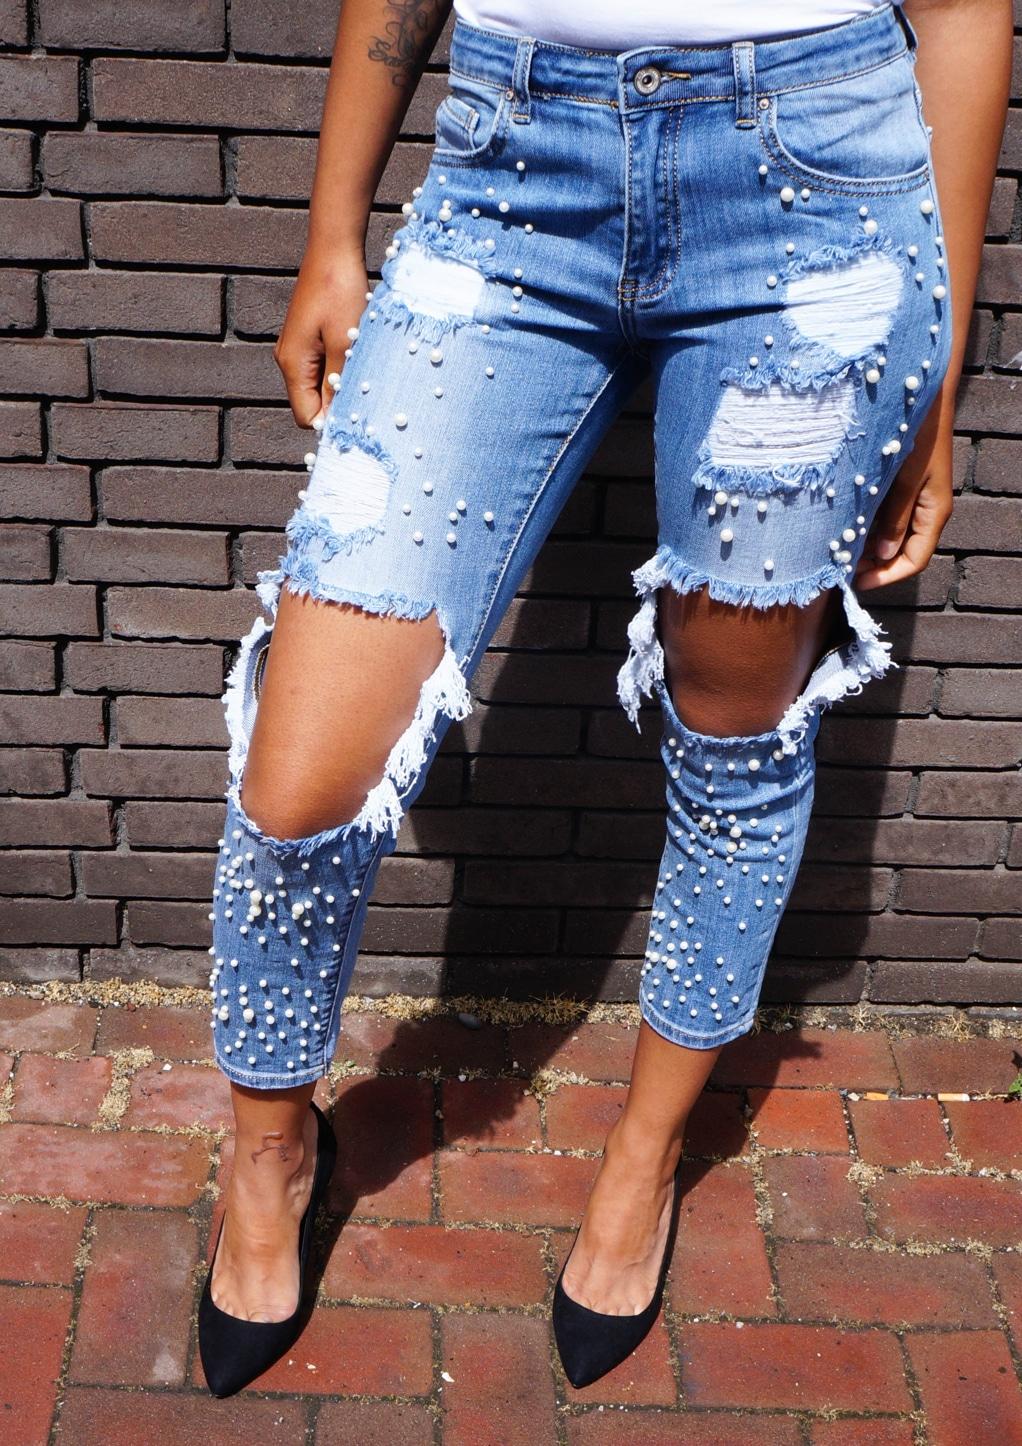 Spijkerbroek met parels en scheurtjes